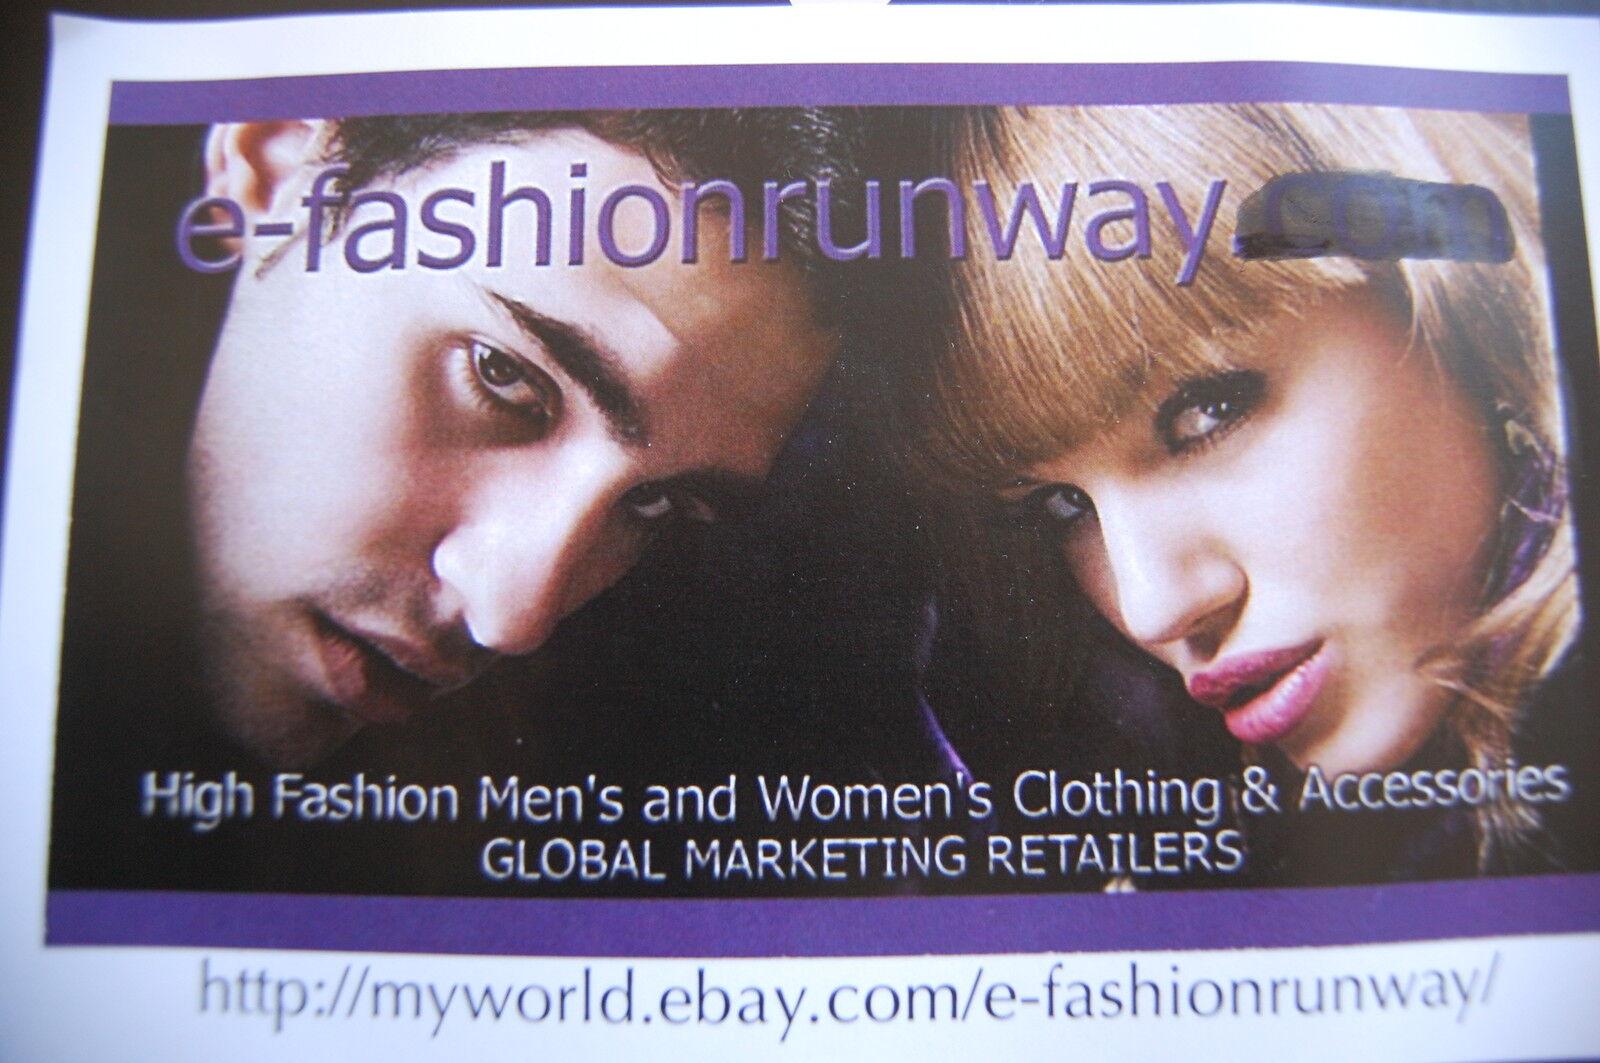 e-fashionrunway